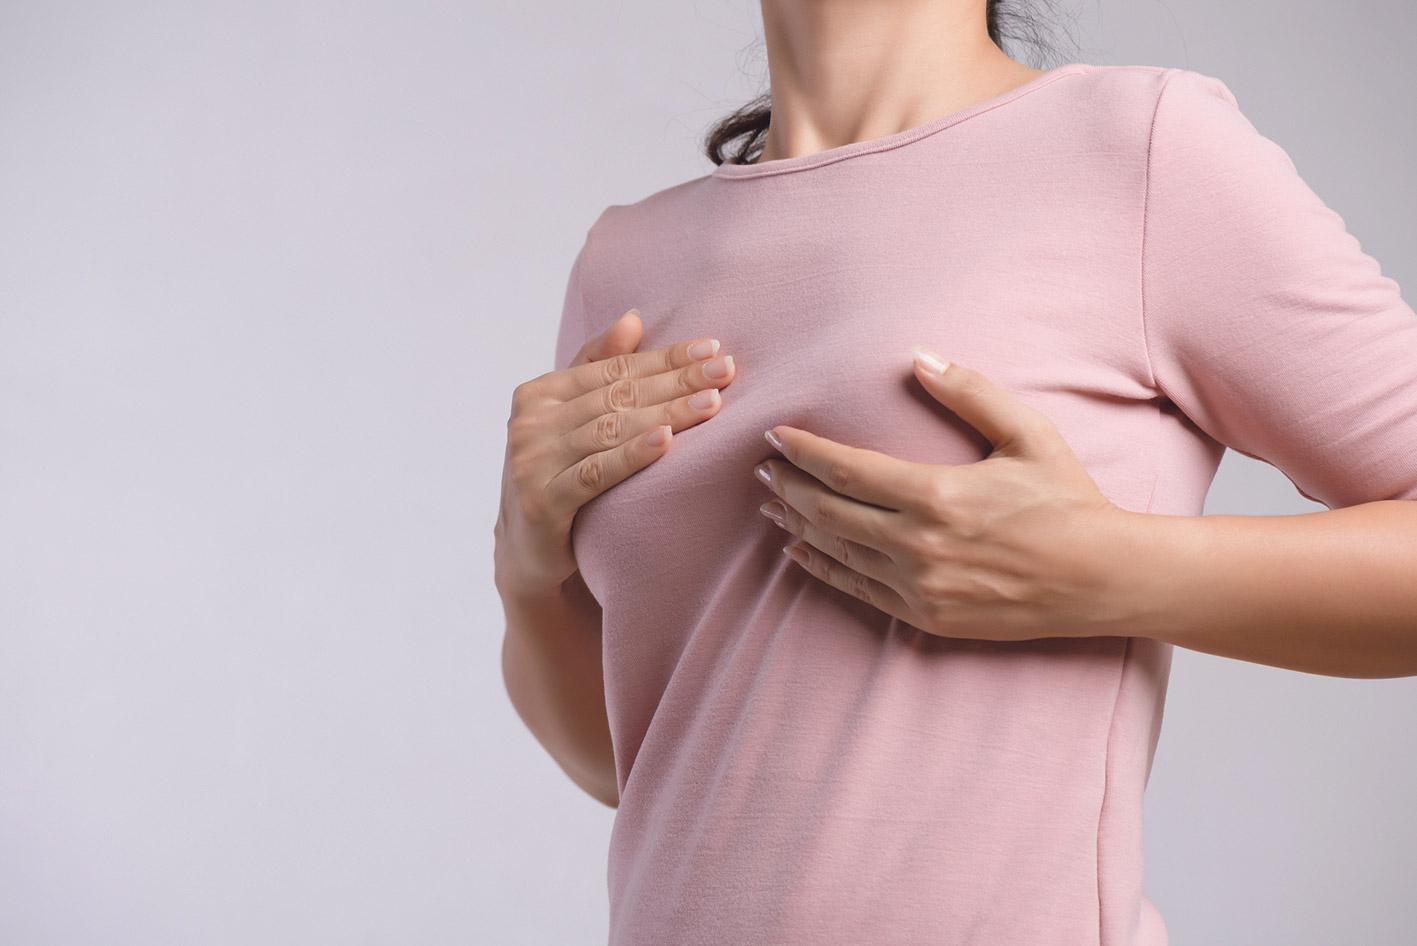 Eine Frau tastet ihre Brust über dem Shirt ab.